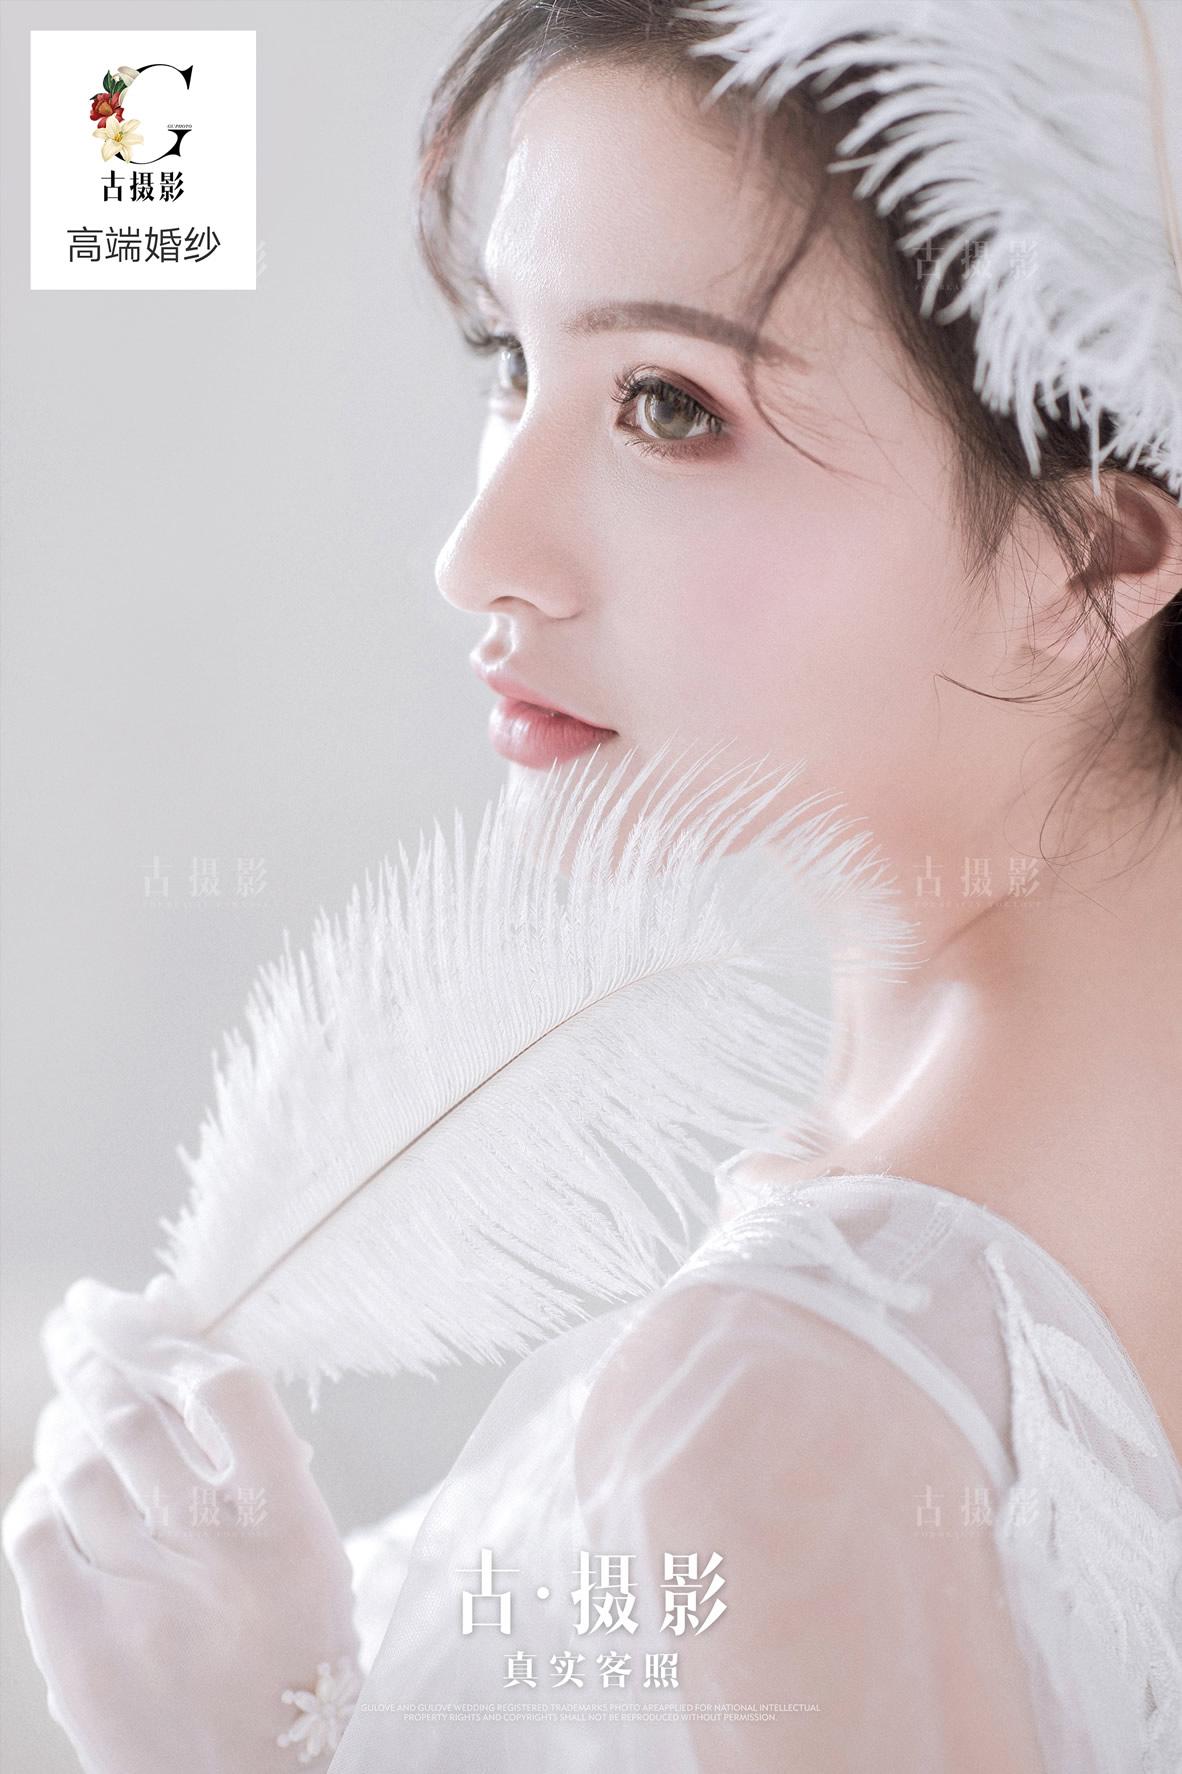 2月14日客片李先生 周小姐 - 每日客照 - 广州婚纱摄影-广州古摄影官网